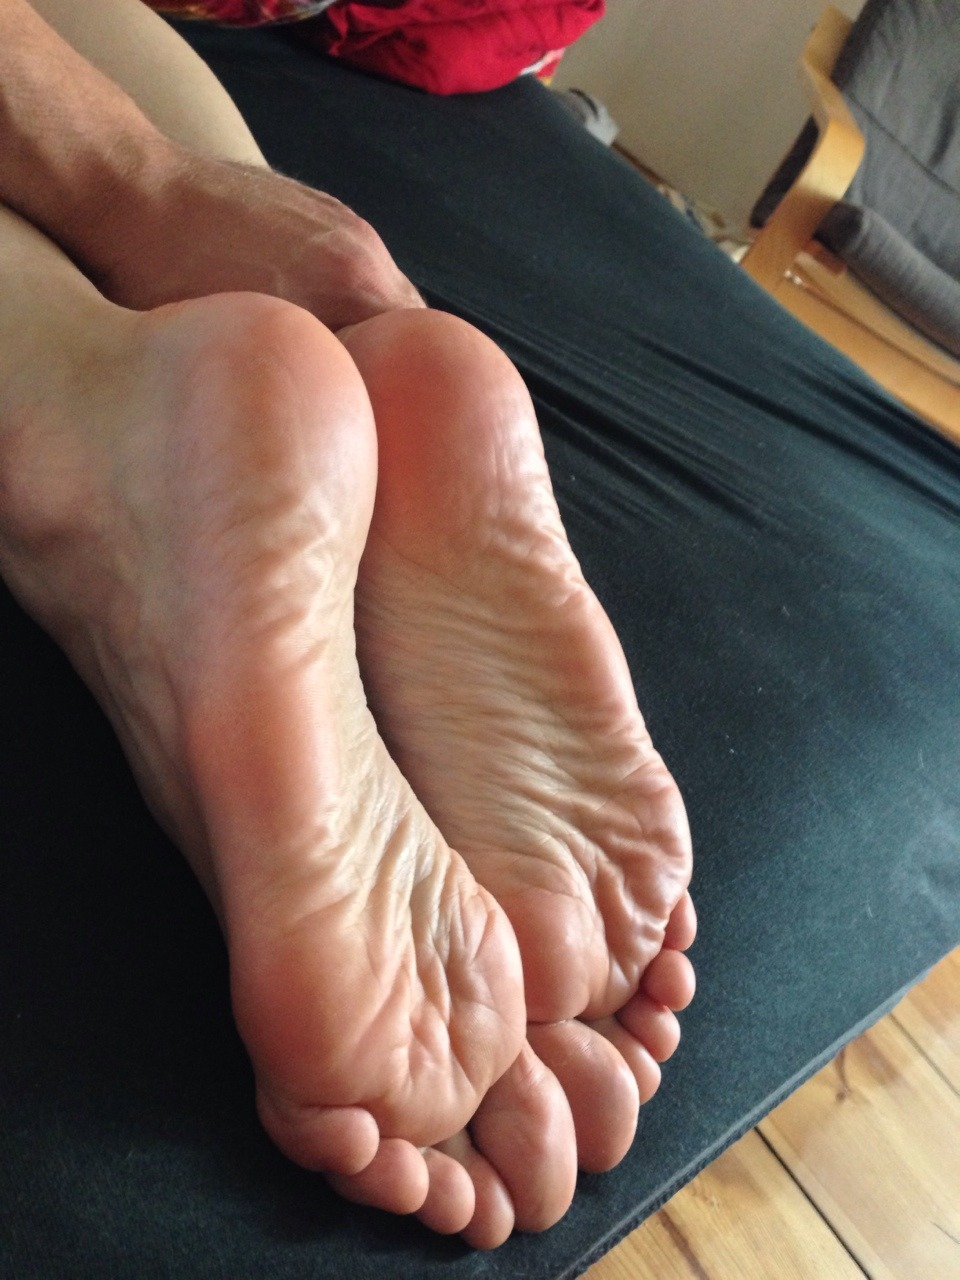 Toes soles tumblr - MegaPornX.com